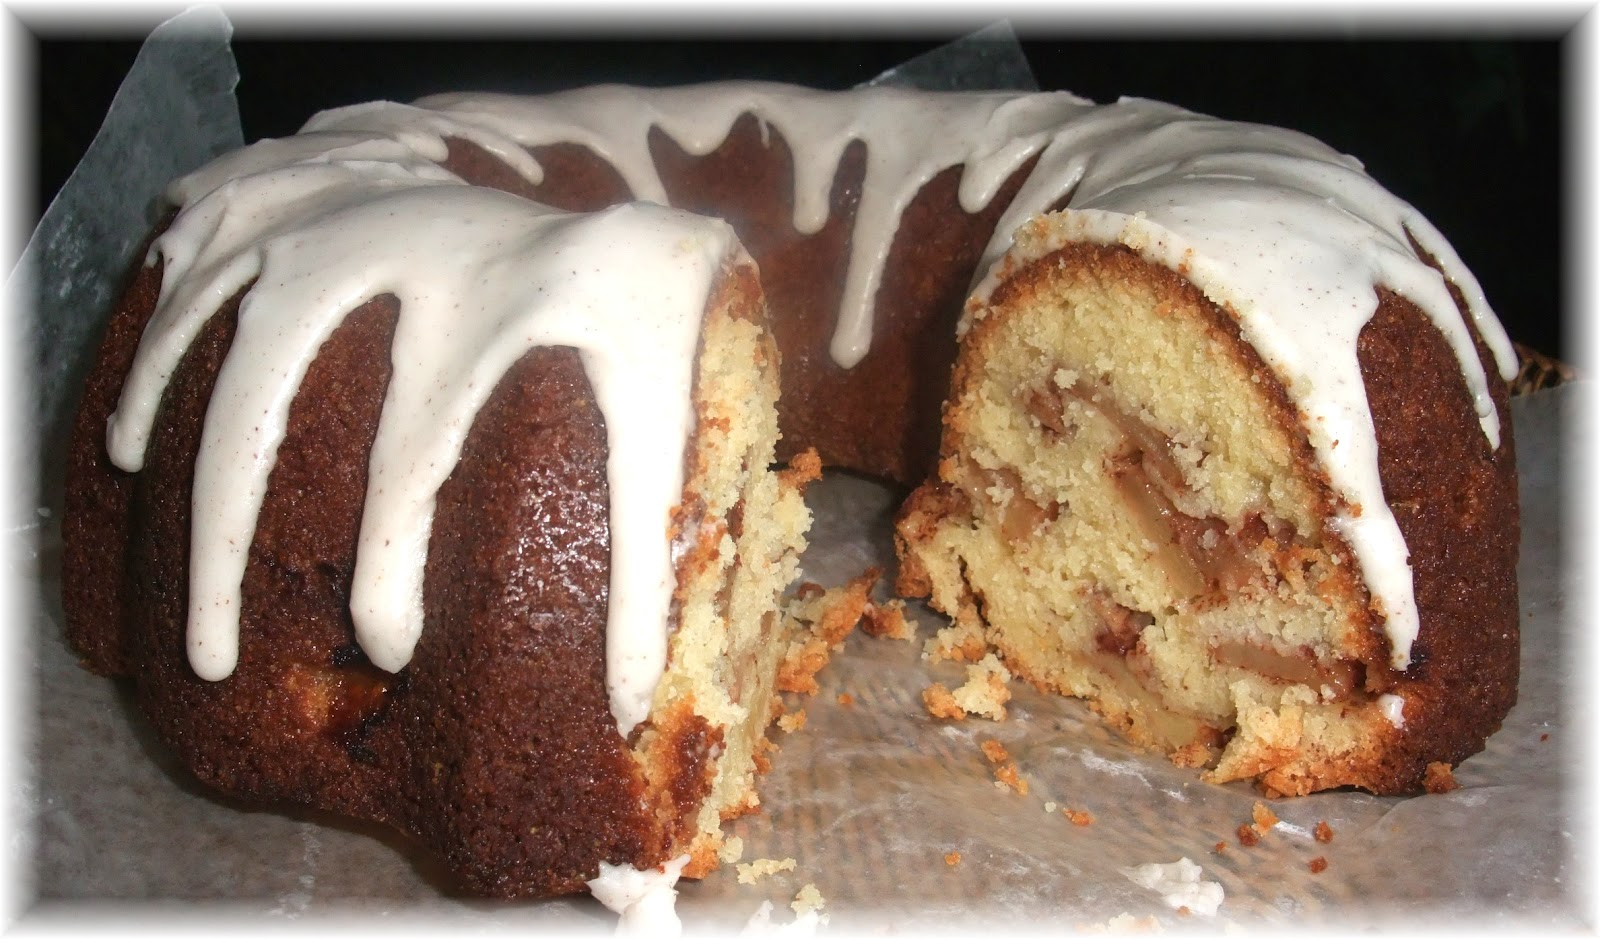 Gala Apple Bundt Cake